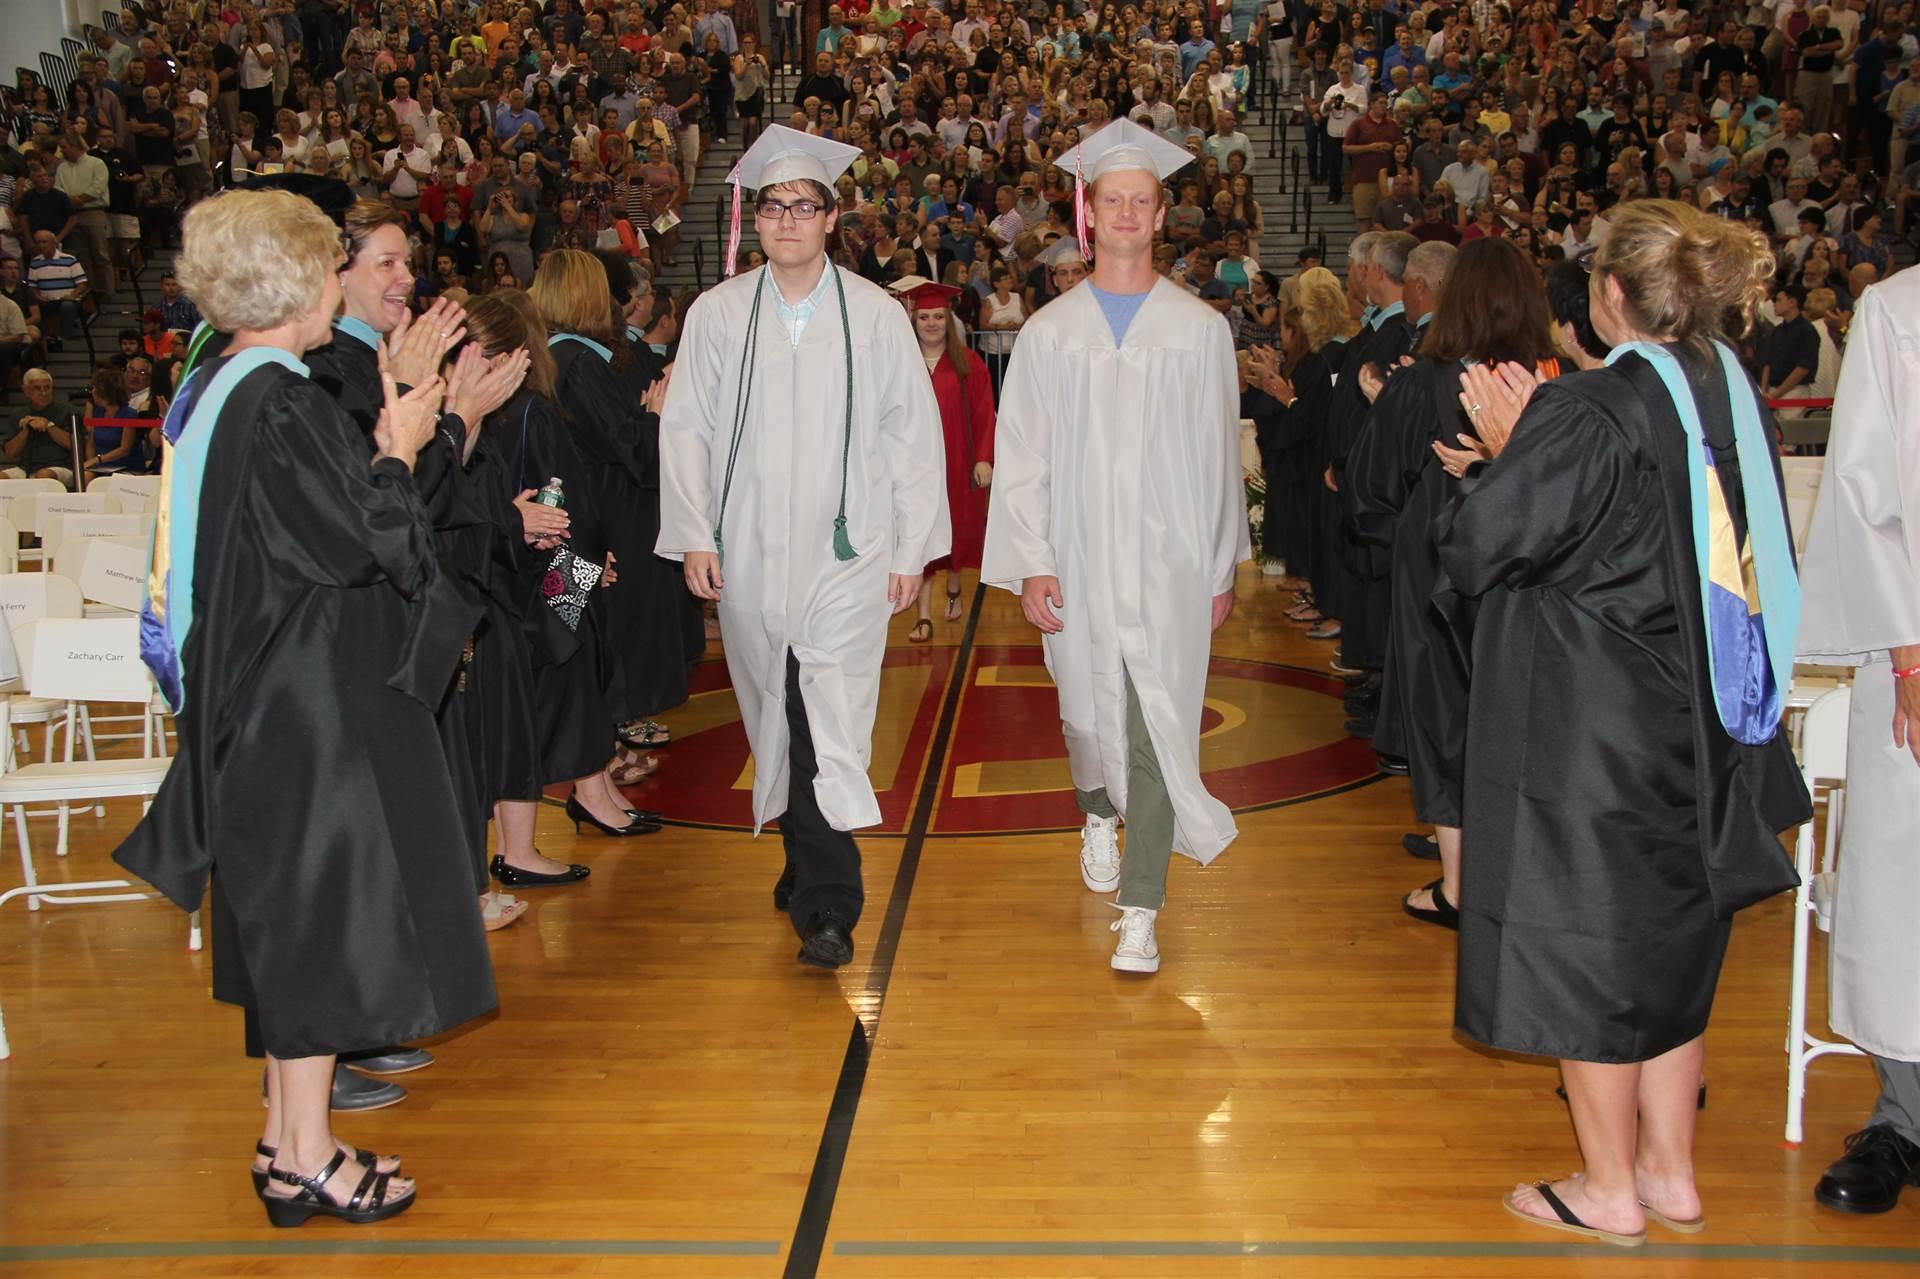 photo 36 from 2017 C V Graduation.